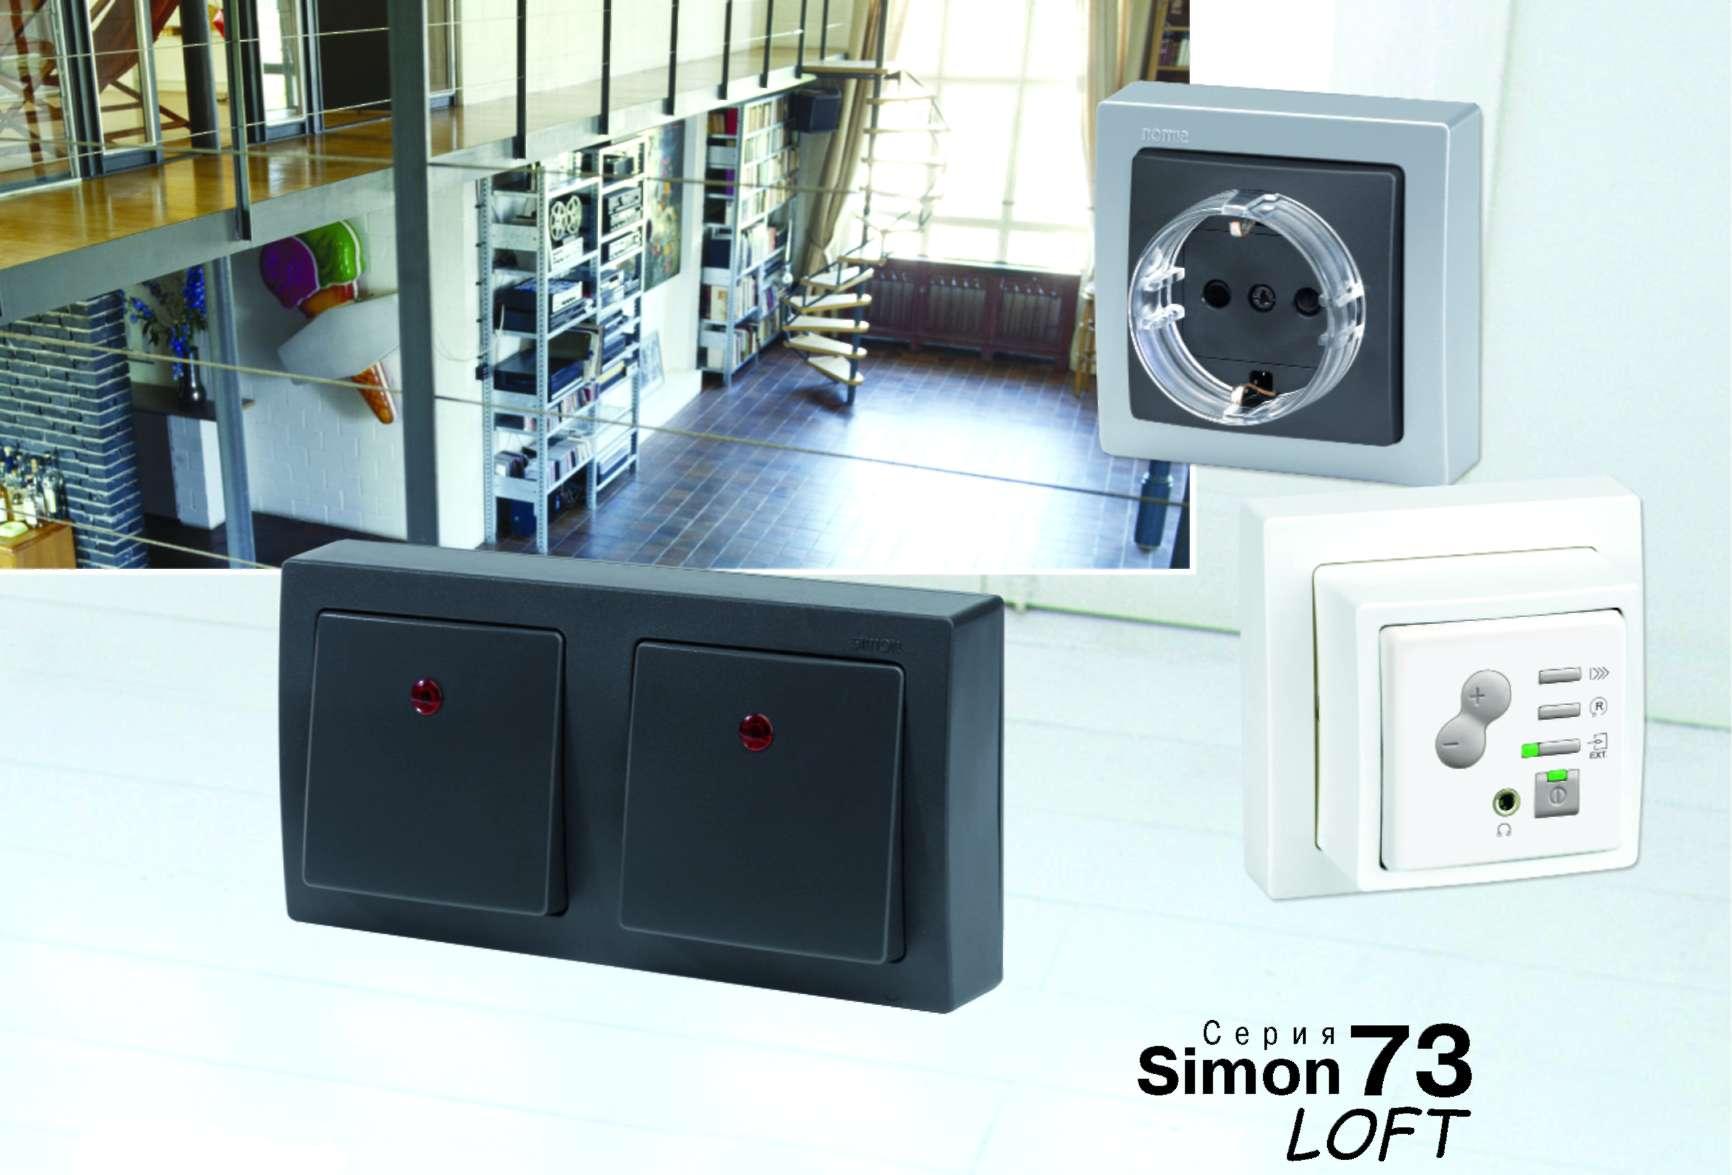 Ассортимент электрики Simon 73 LOFT